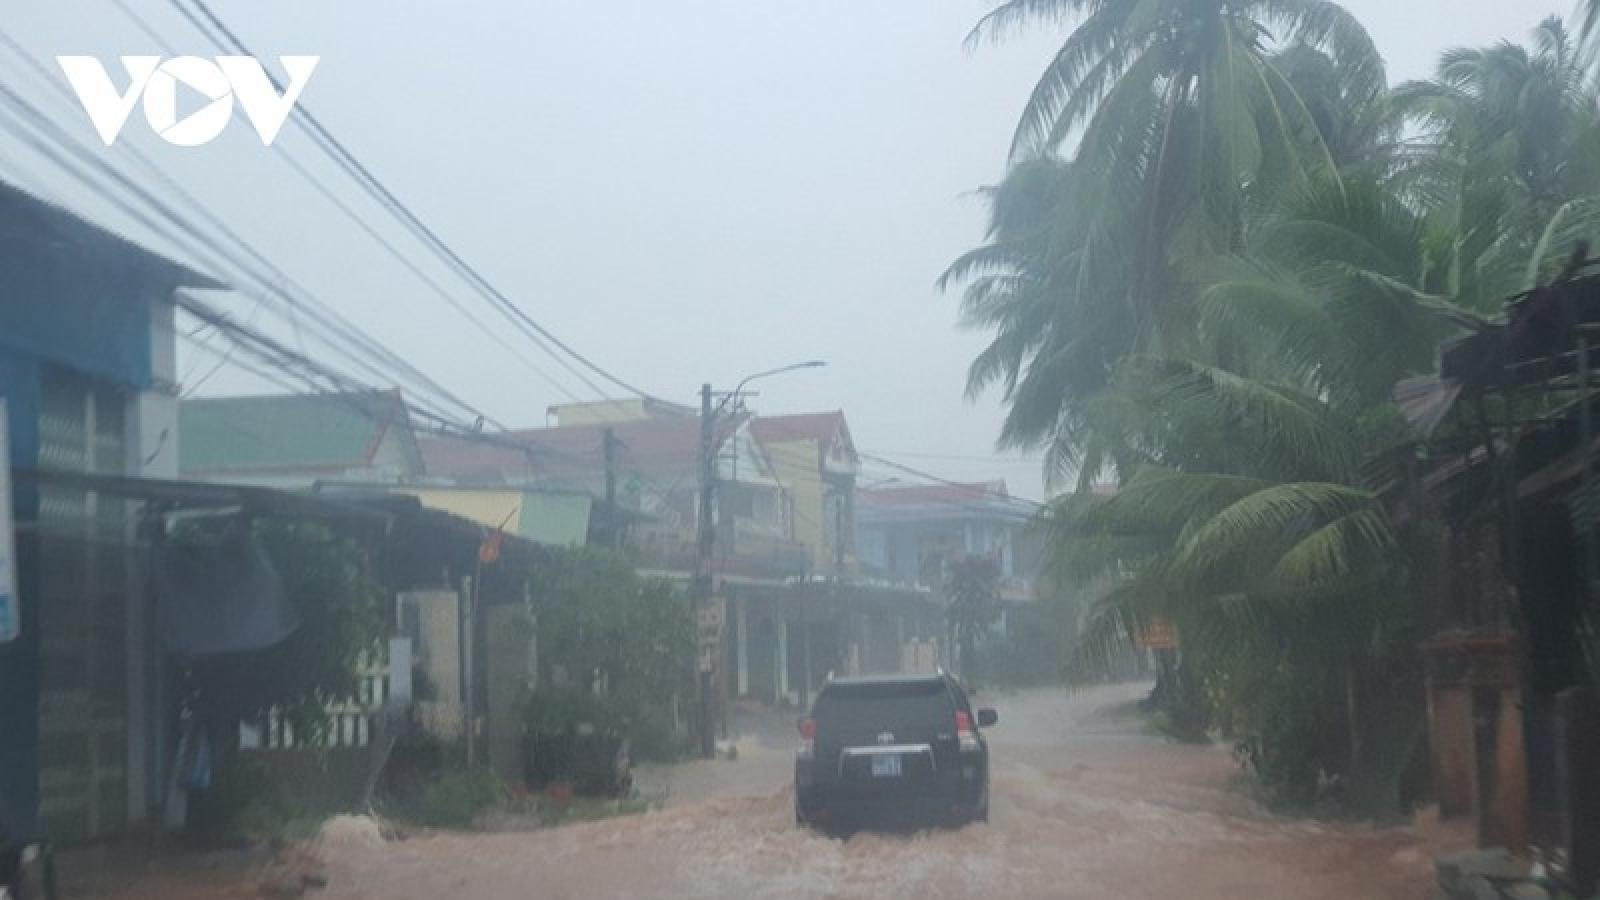 Sẽ có 5-6 cơn bão ảnh hưởng trực tiếp đến đất liền Việt Nam trong năm 2021